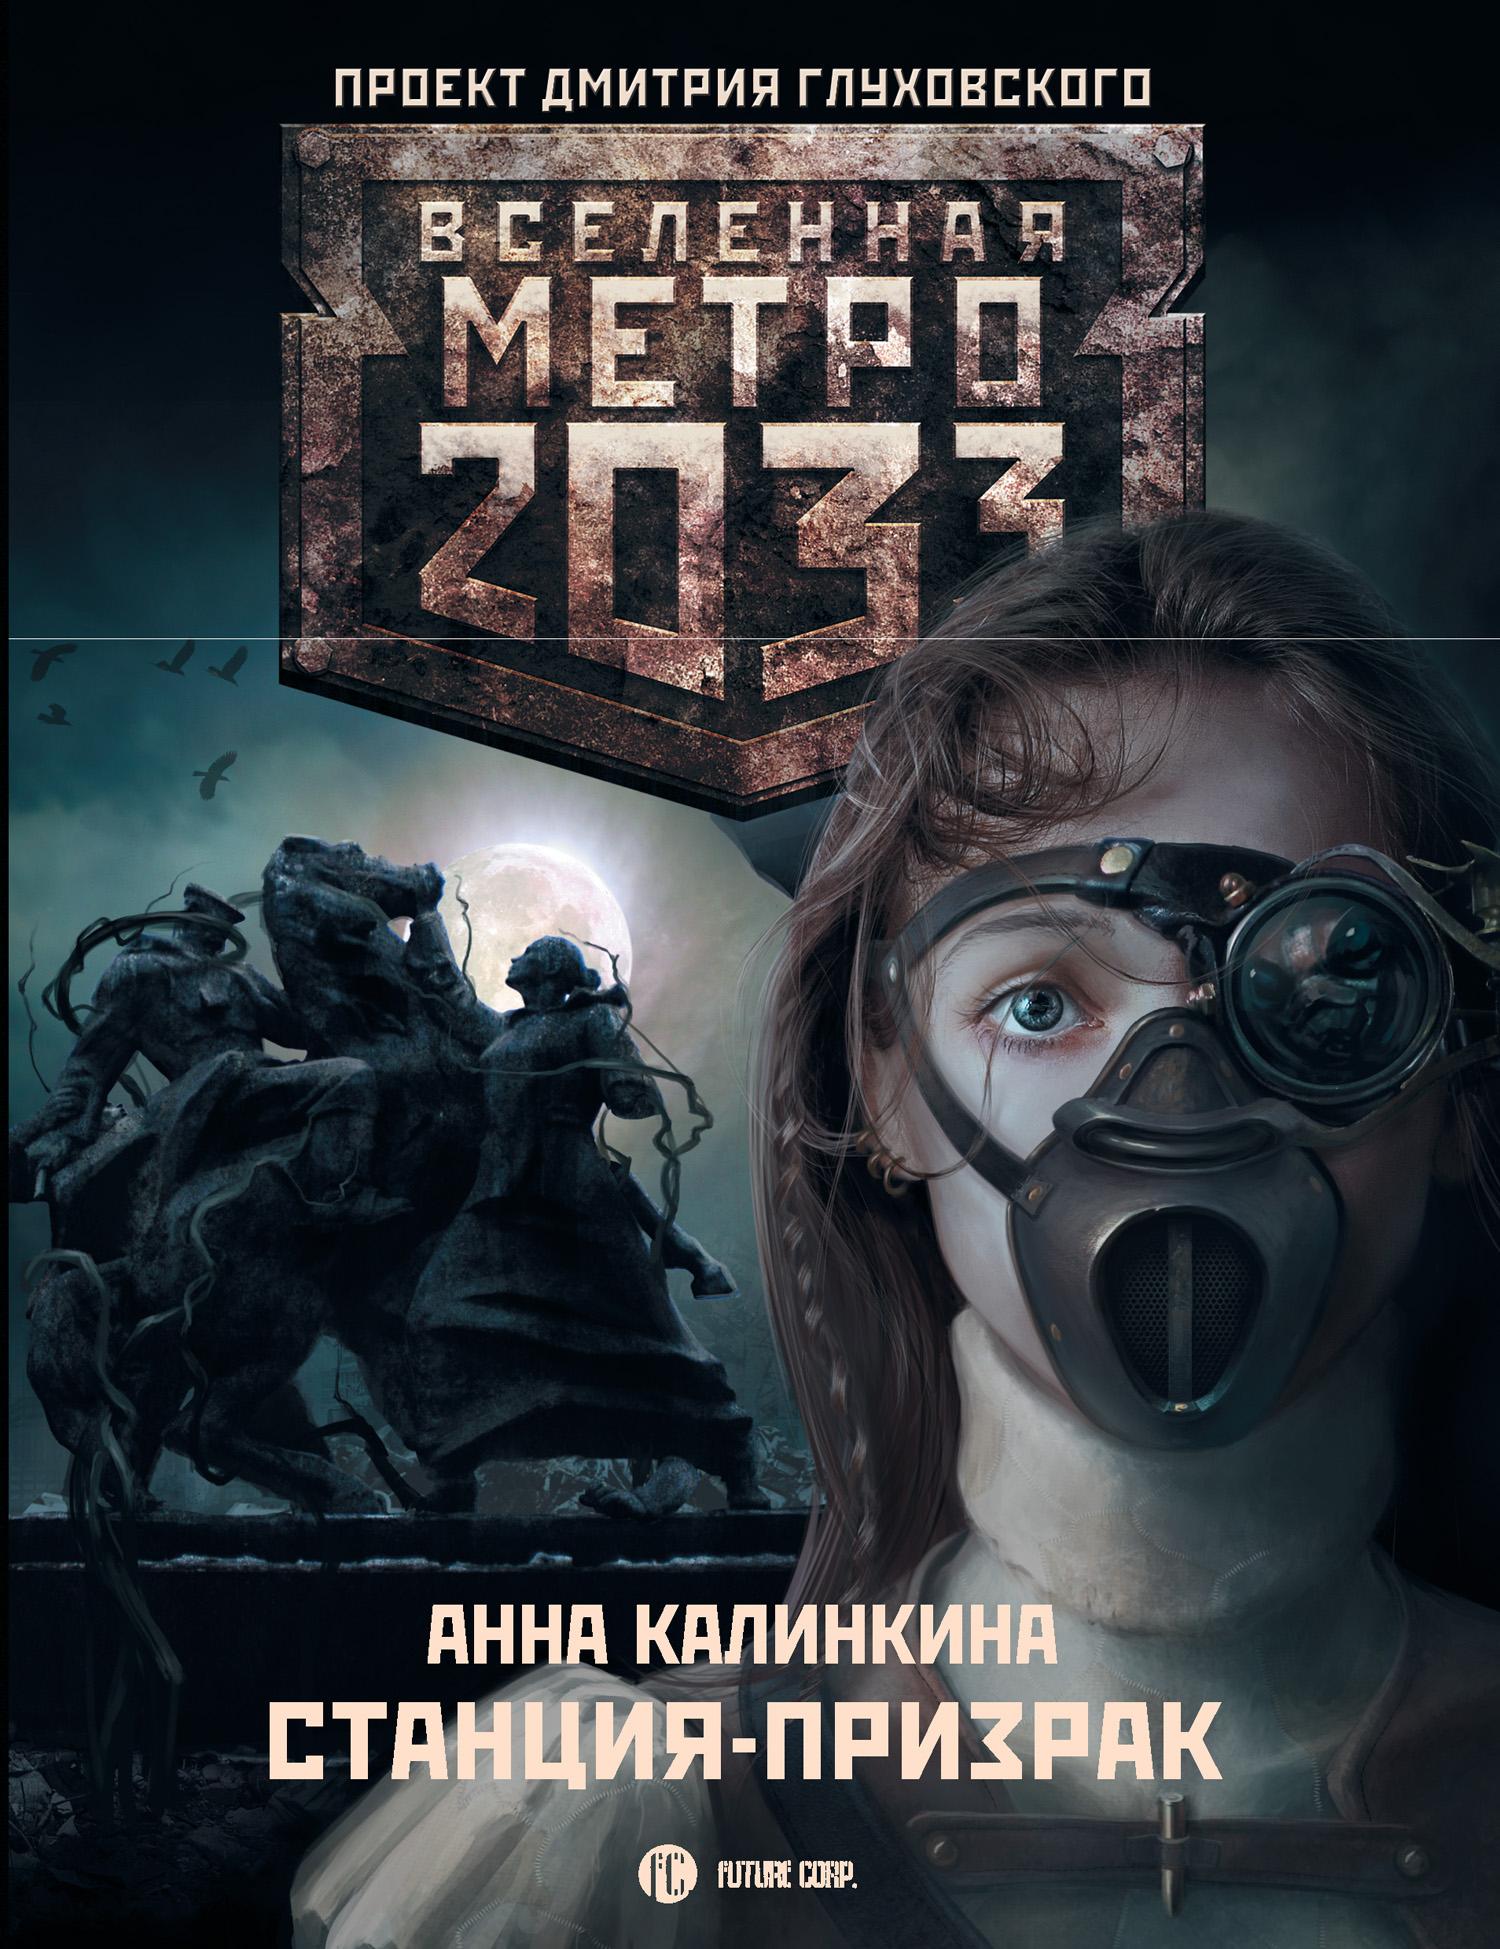 Метро 2033: Станция-призрак